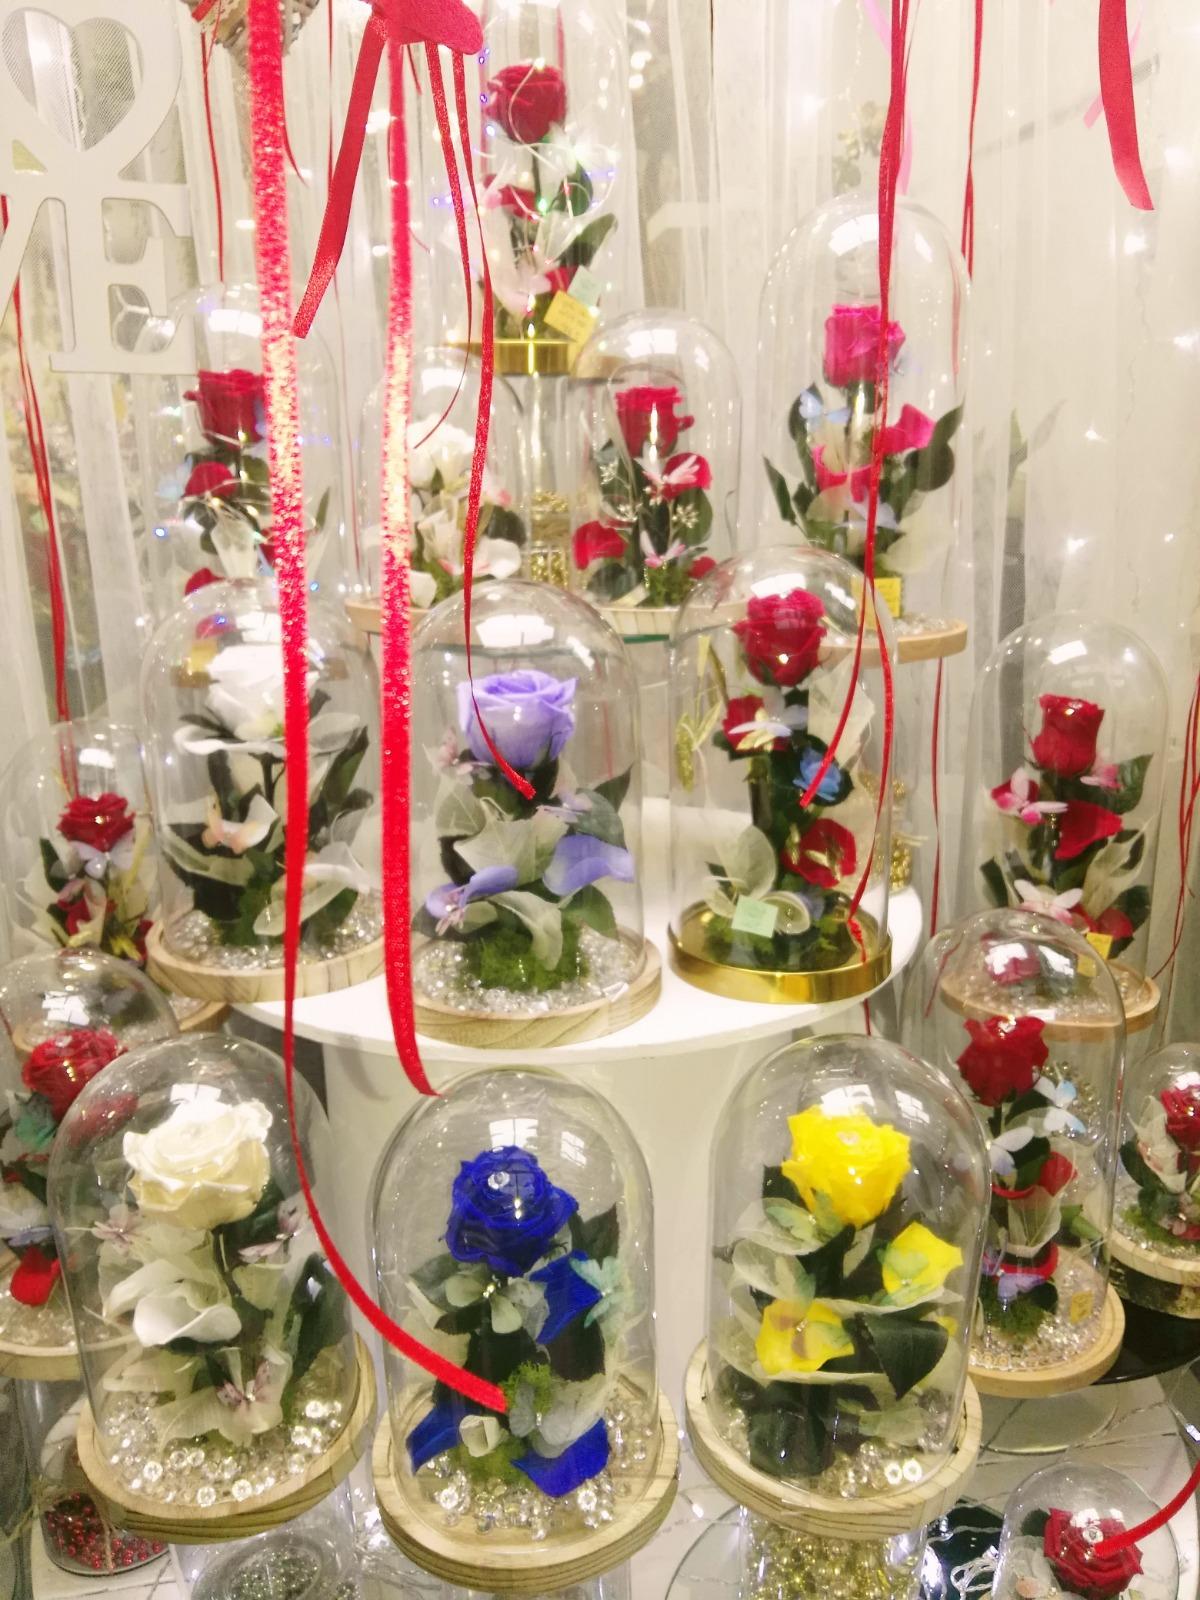 Tocado Floral Vip